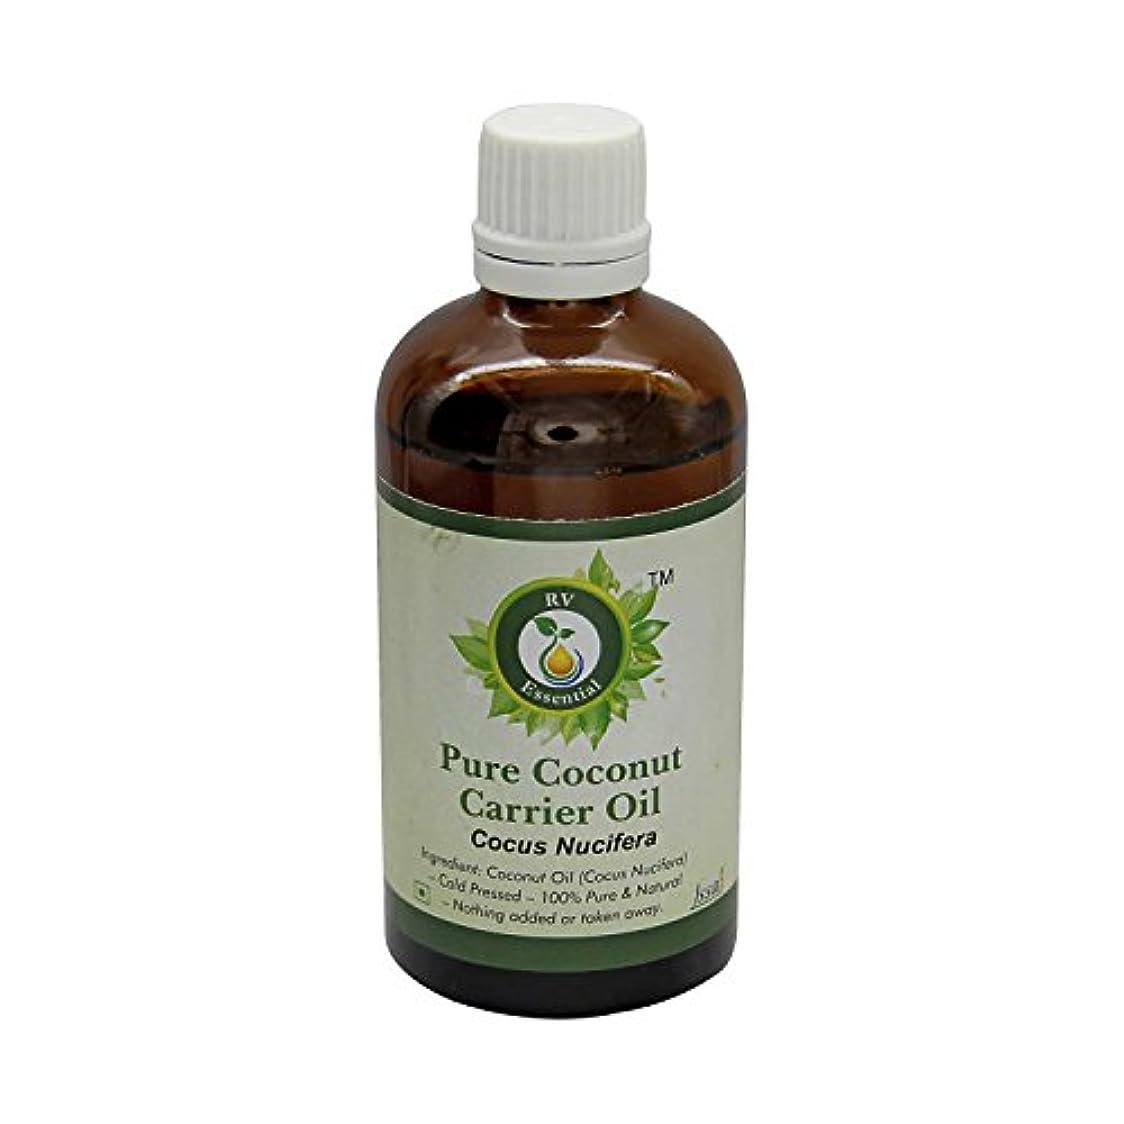 R V Essential 純粋なココナッツキャリアオイル15ml (0.507oz)- Cocus Nucifera (100%ピュア&ナチュラルコールドPressed) Pure Coconut Carrier Oil